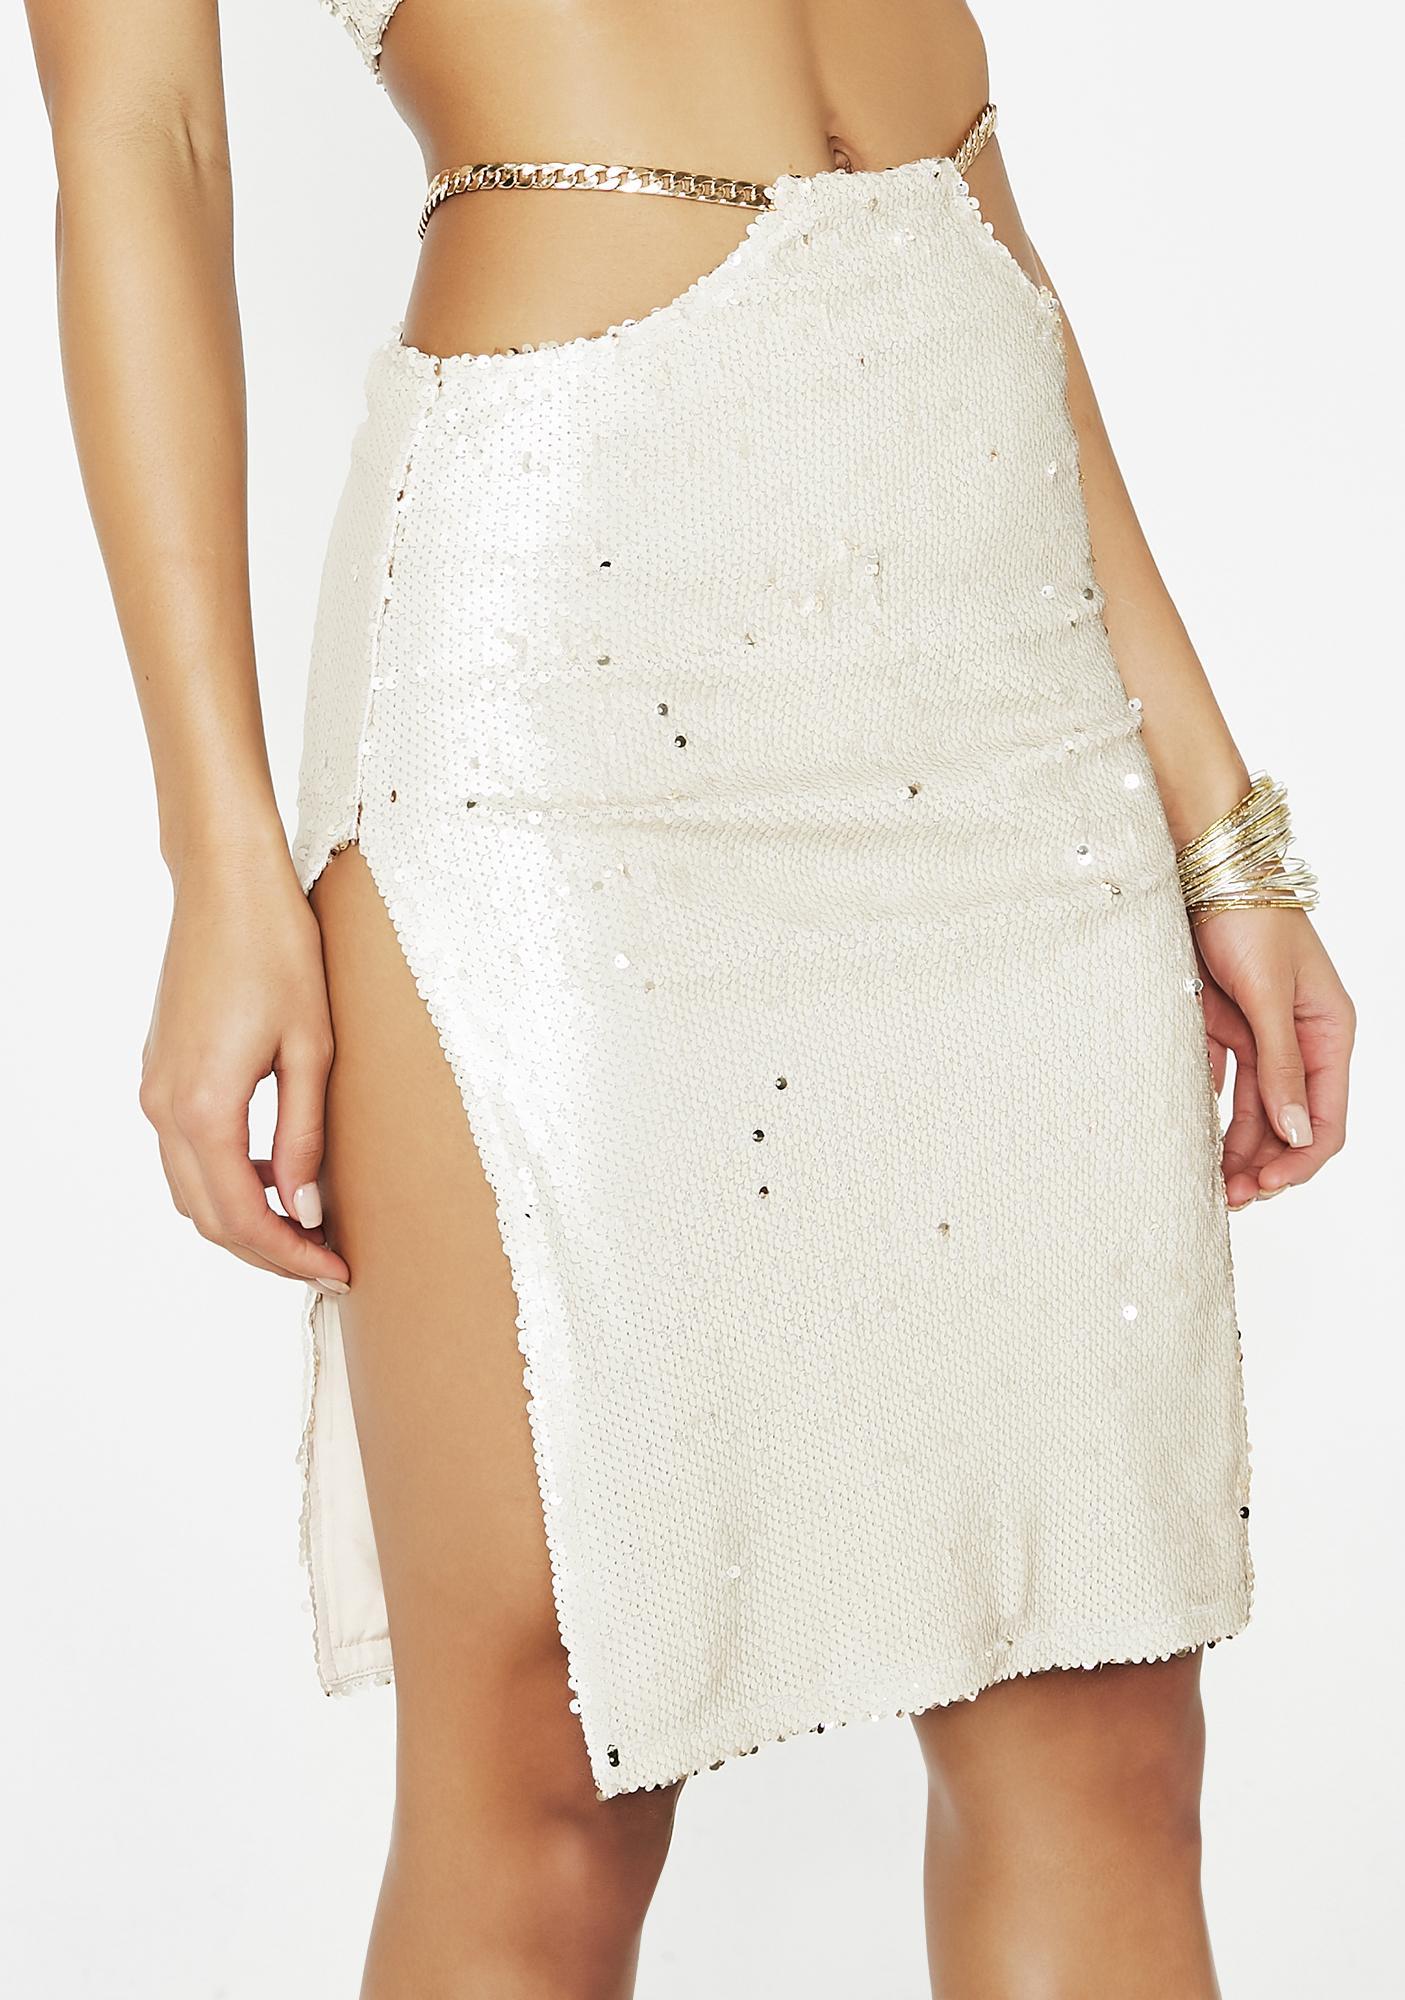 Poster Grl Gold Standard Sequin Skirt